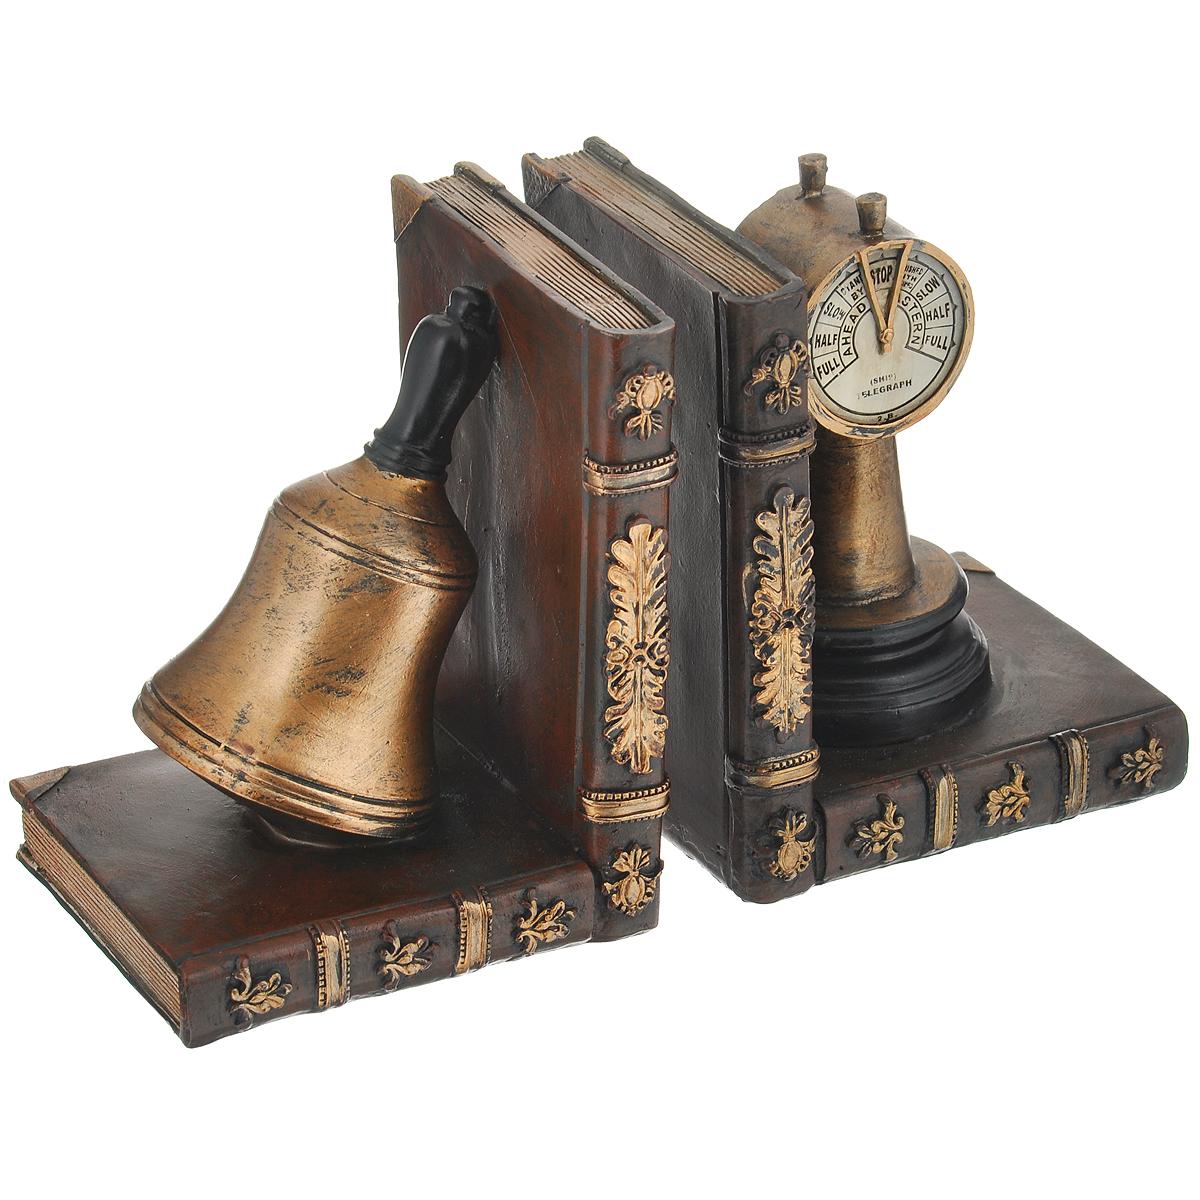 Подставка-ограничитель для книг Штурман, 2 шт рюкзаки wenger 6920202416